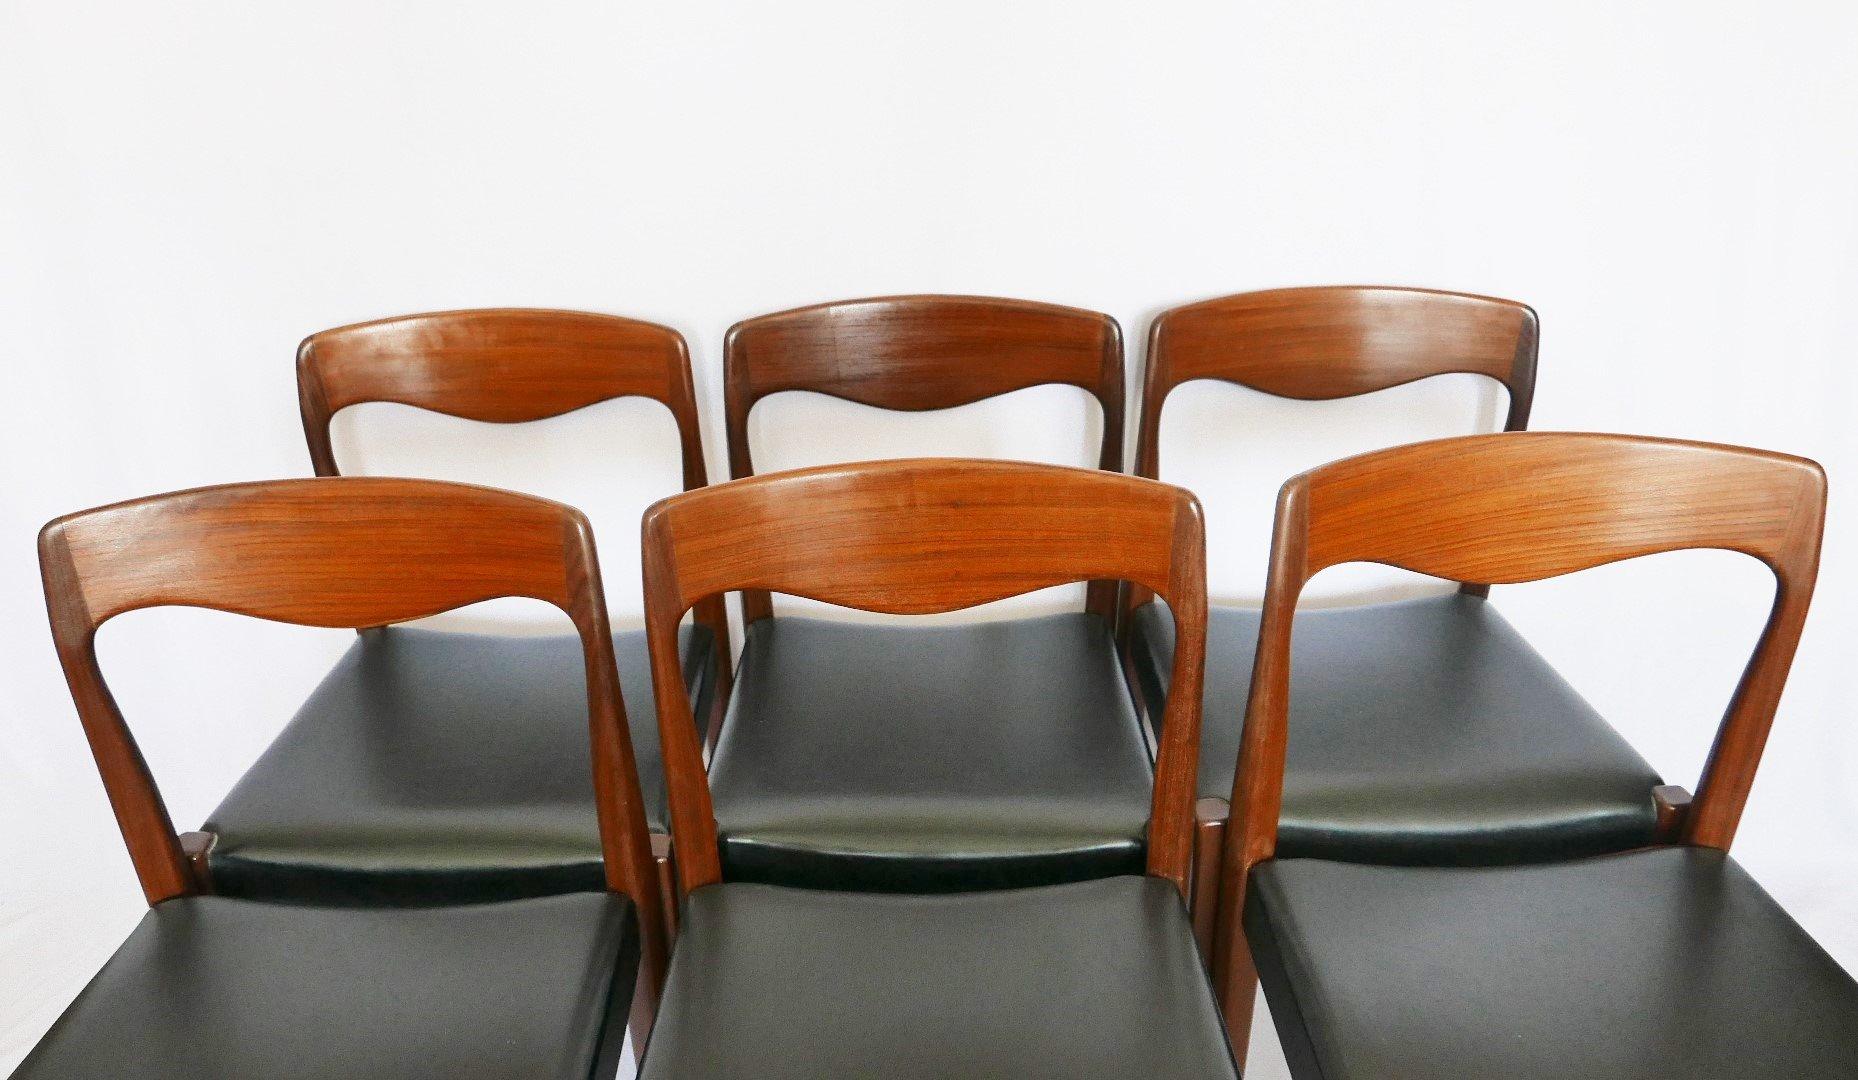 Sedie In Teak Scandinavia Anni 60 Set Di 6 In Vendita Su Pamono